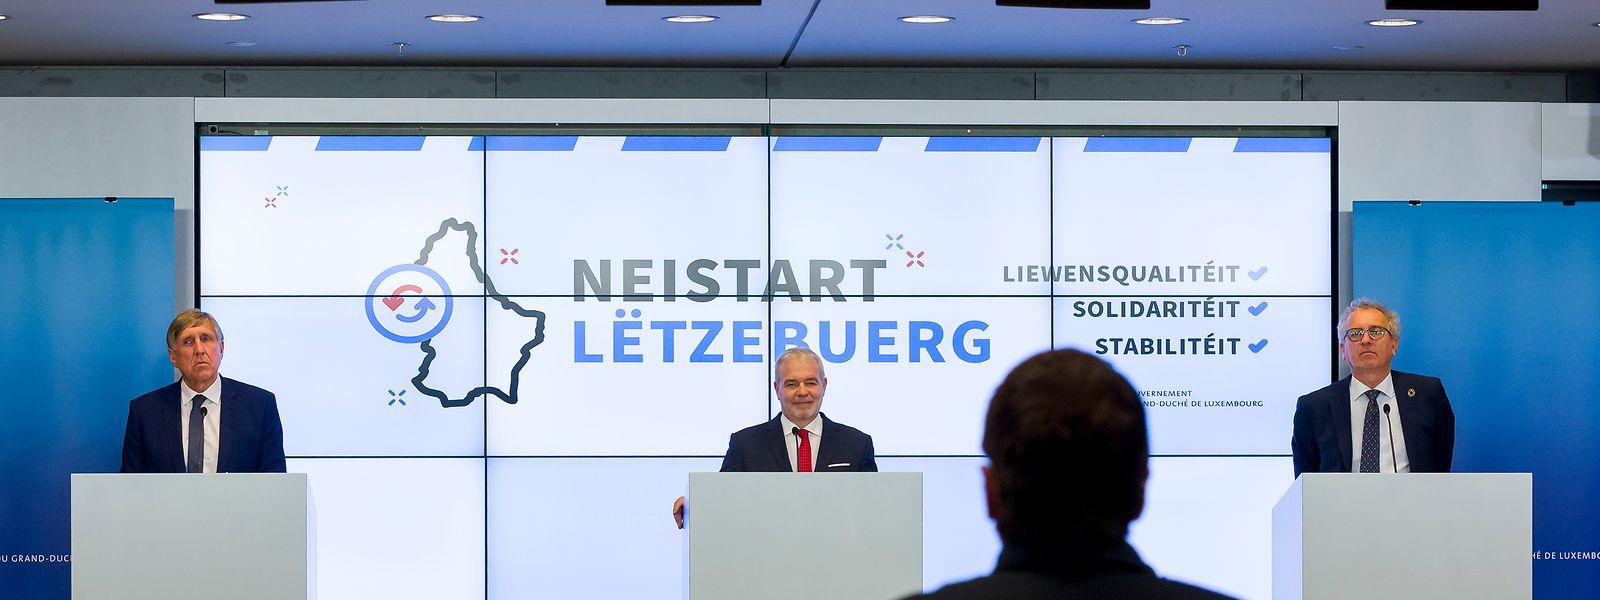 Vor dem Motto des Aufschwungs präsentieren sich die Minister Bausch, Kersch und Gramegna (v.l.).